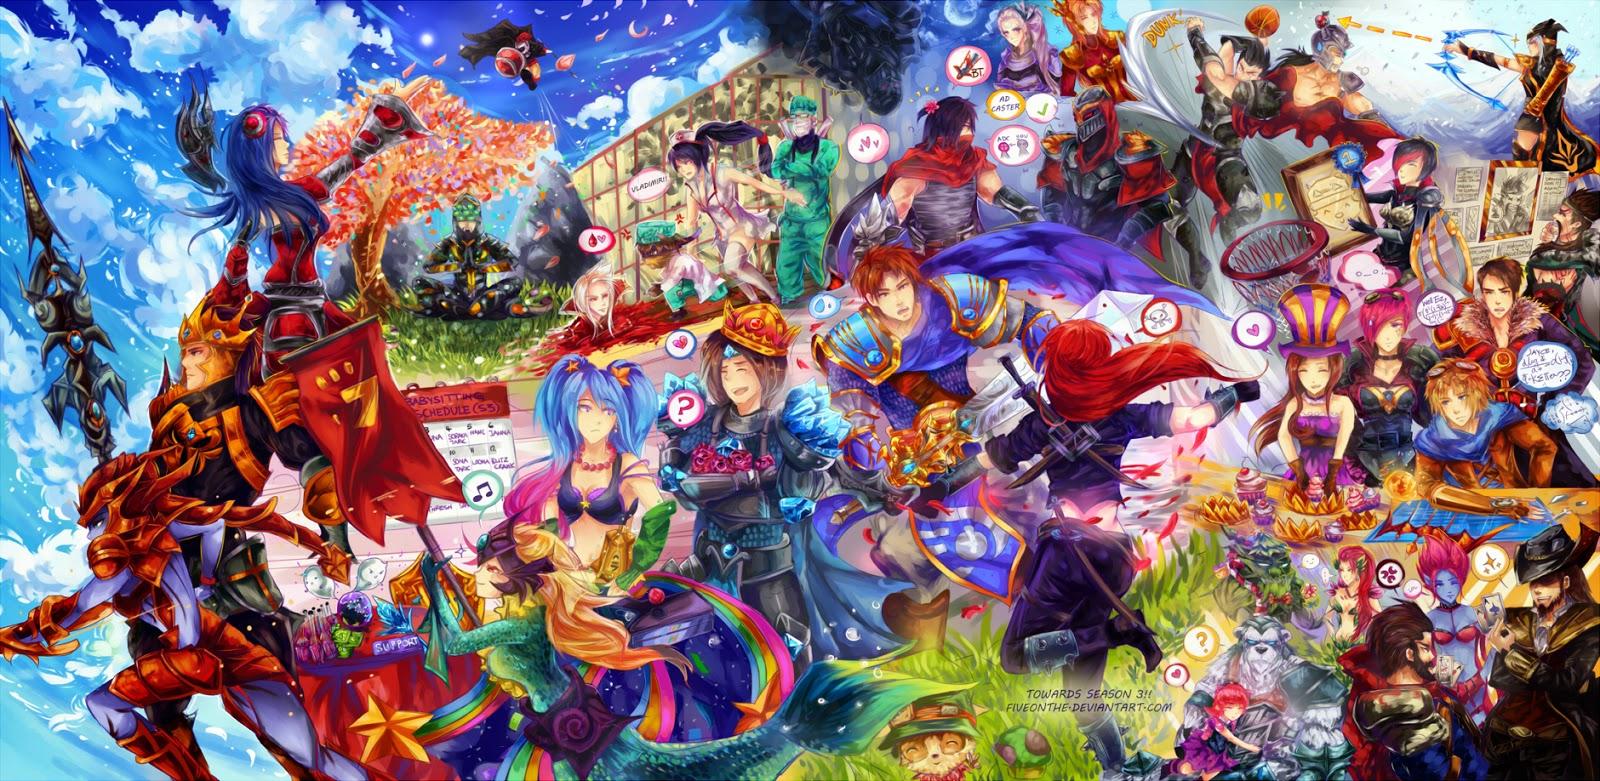 Hình ảnh LOL game liên minh huyền thoại làm hình nền đẹp